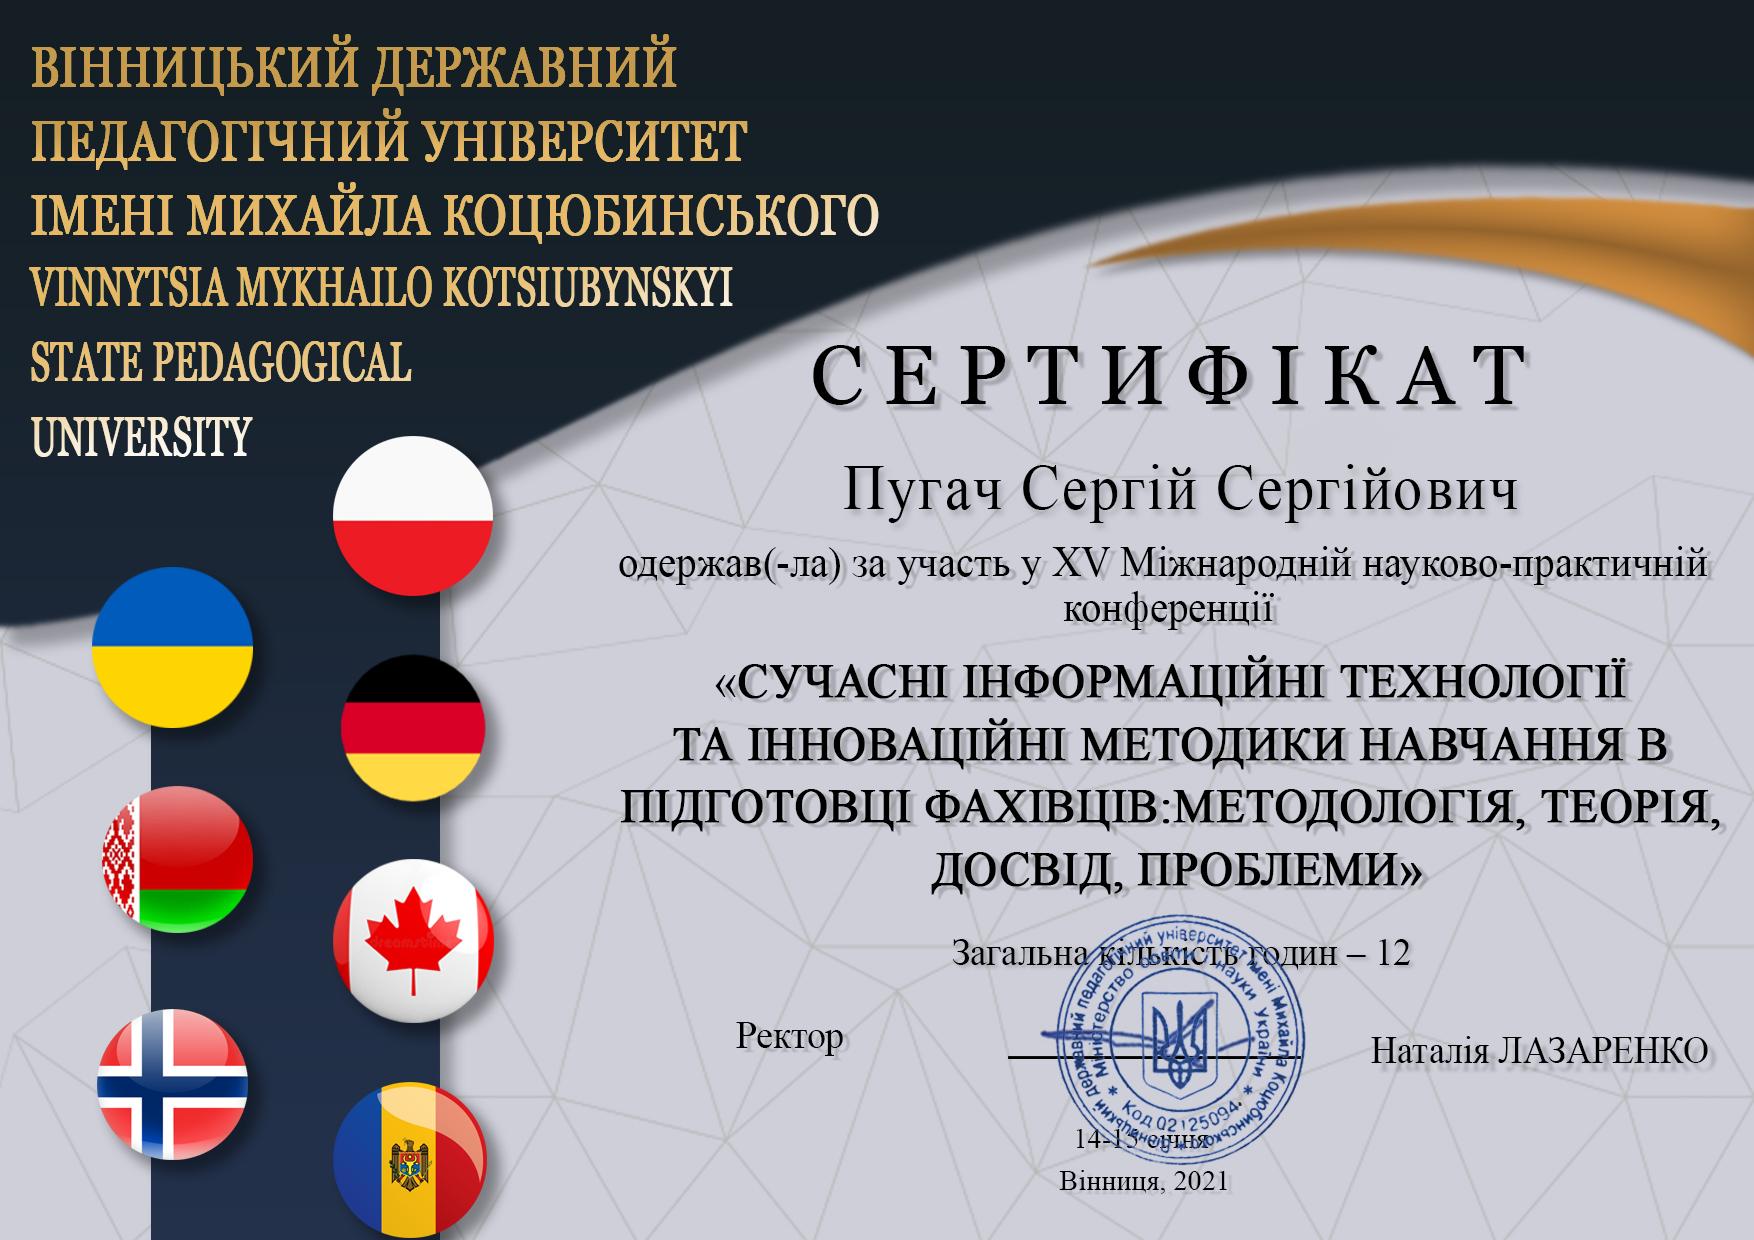 Пугач Сергій Сергійович